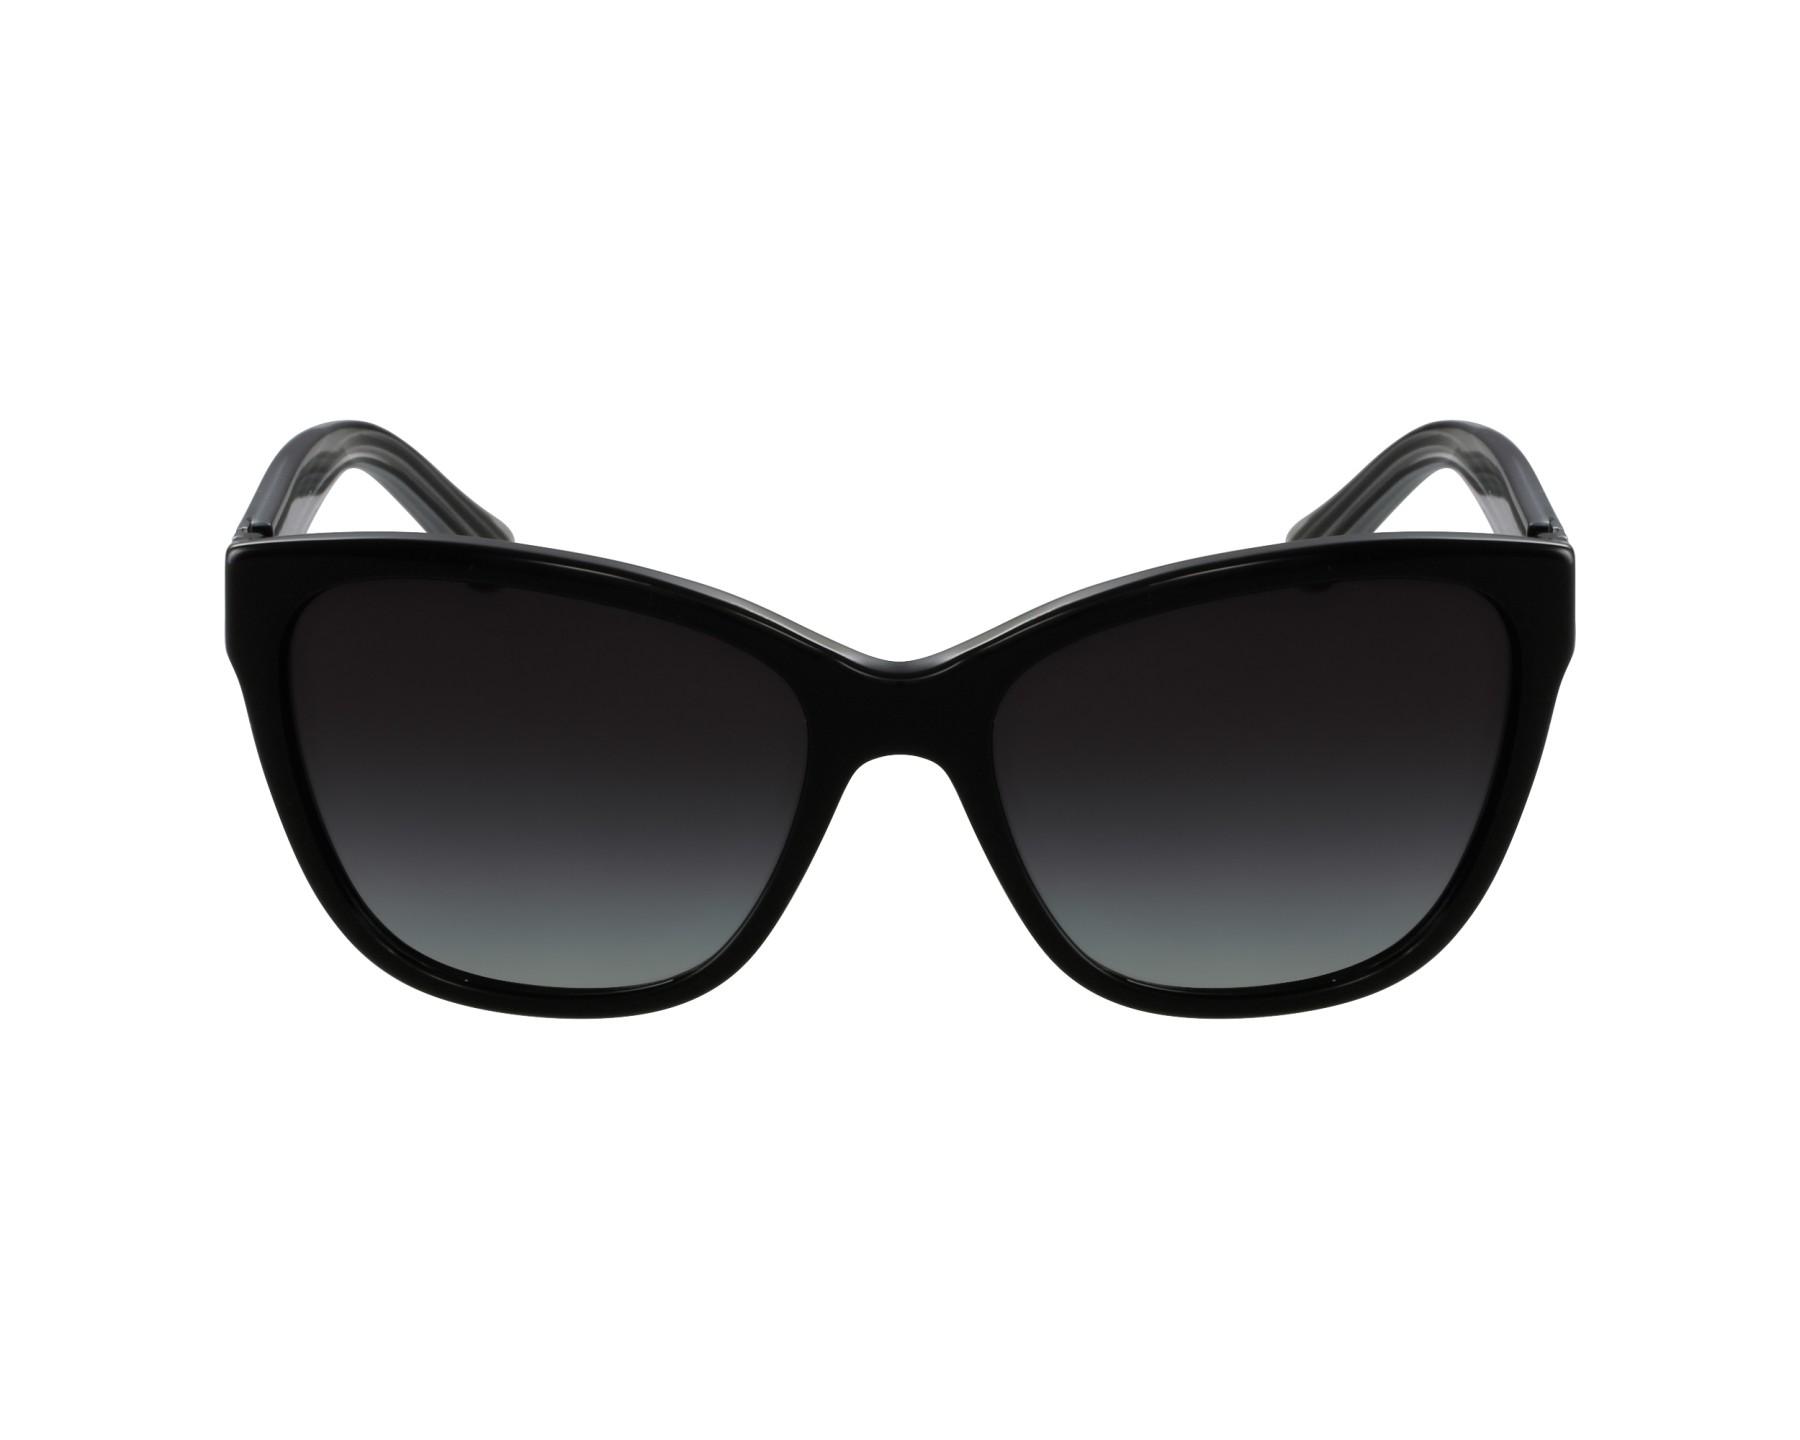 lunettes de soleil emporio armani ea 4068 5017 8g noir avec des verres gris. Black Bedroom Furniture Sets. Home Design Ideas